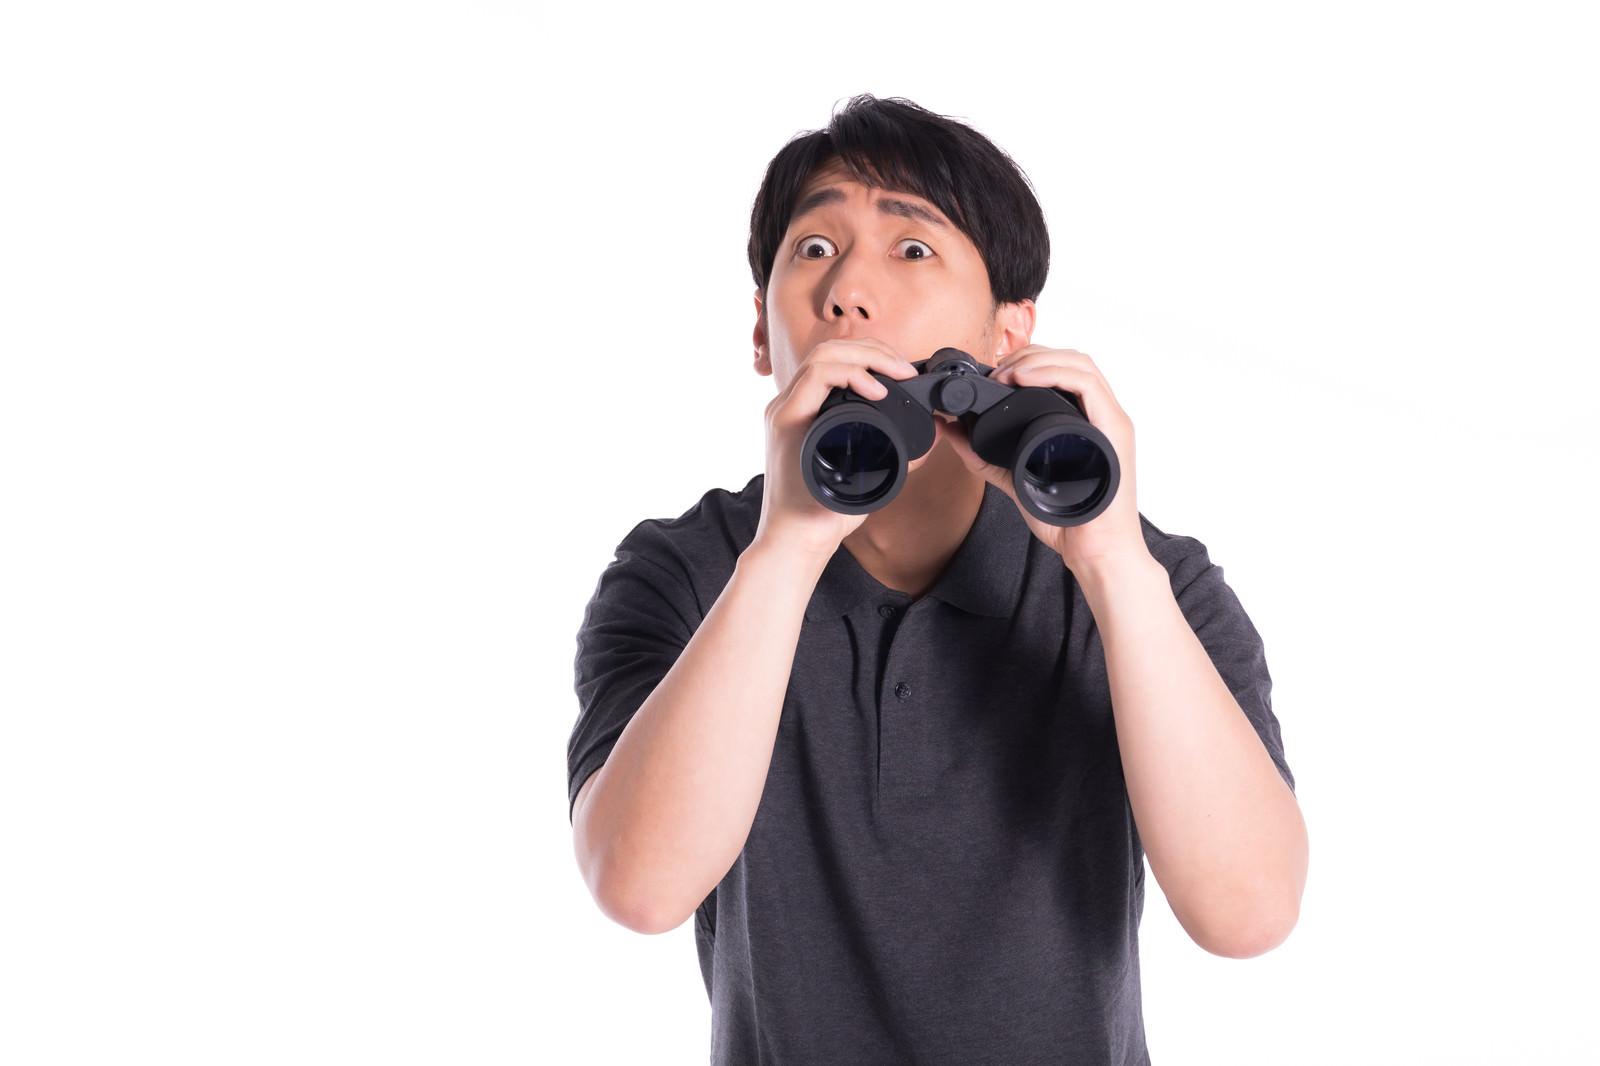 「監視中にハプニングを見つけた瞬間」の写真[モデル:大川竜弥]